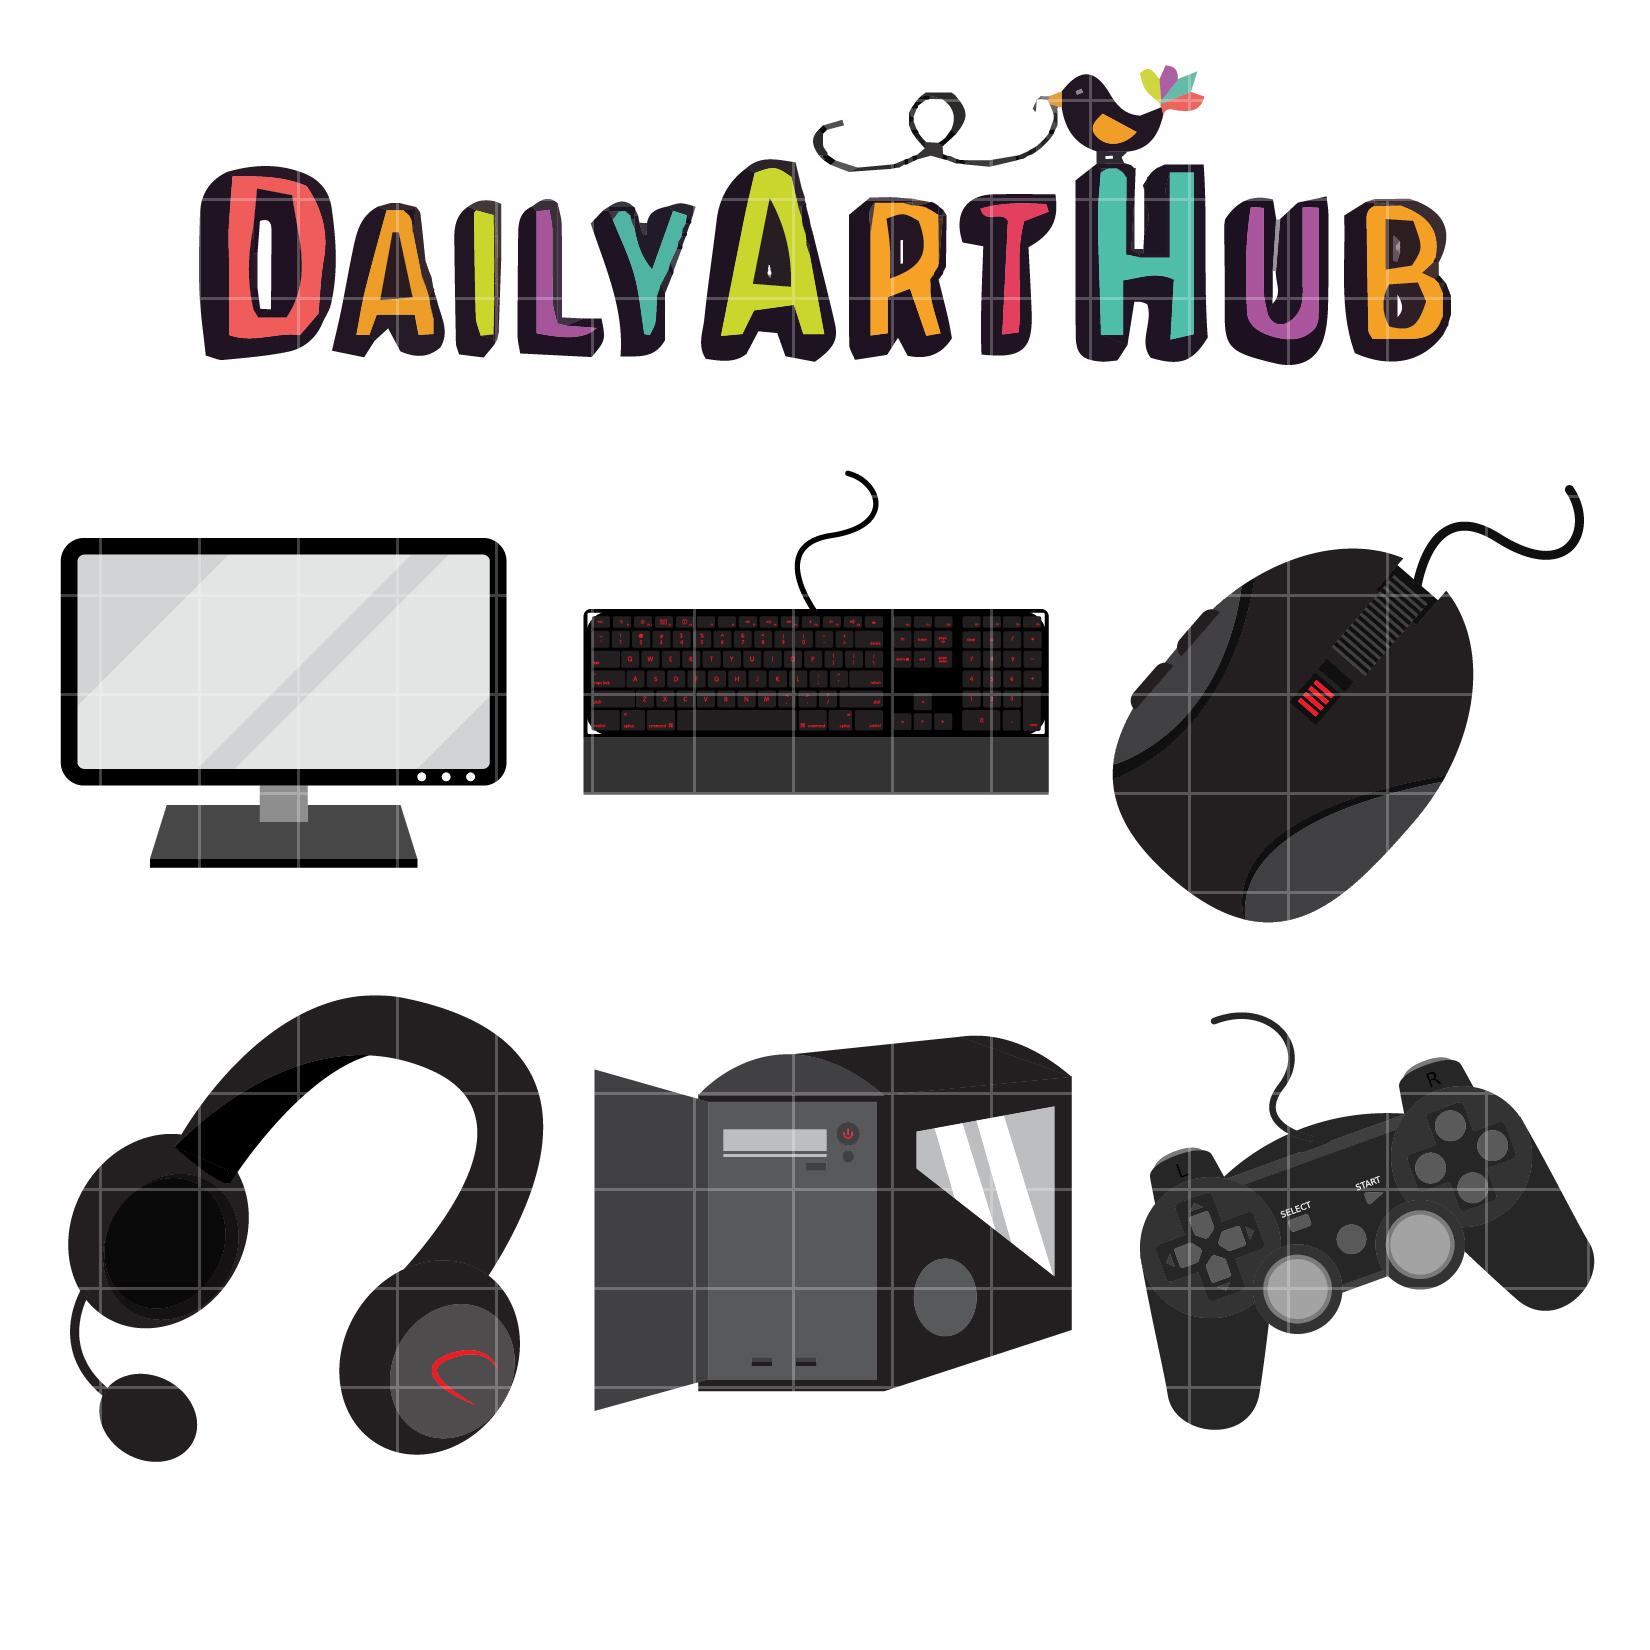 PC Gamer Gears Clip Art Set.